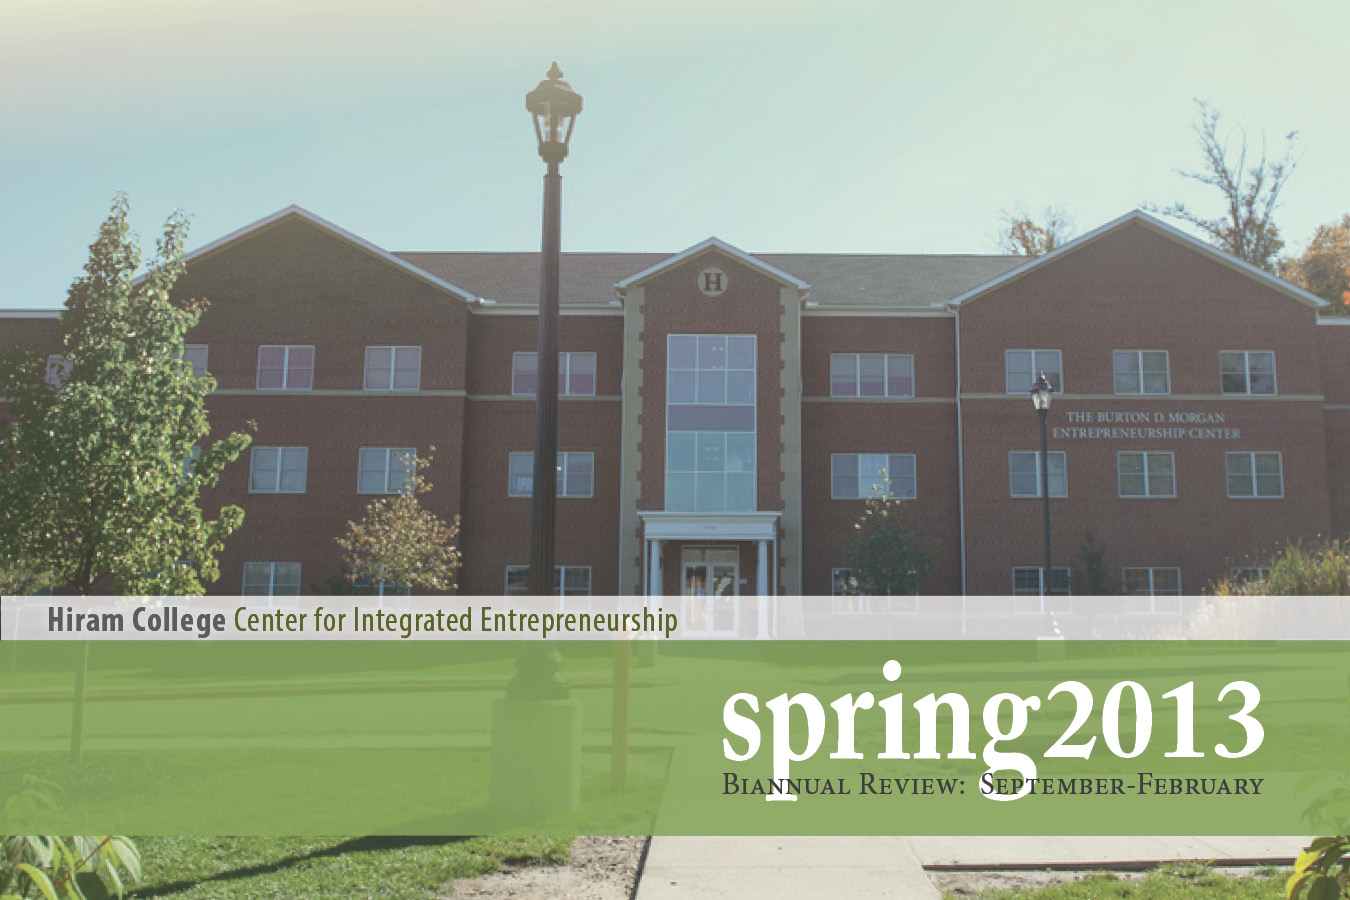 Spring 2013 Newsletter.jpg